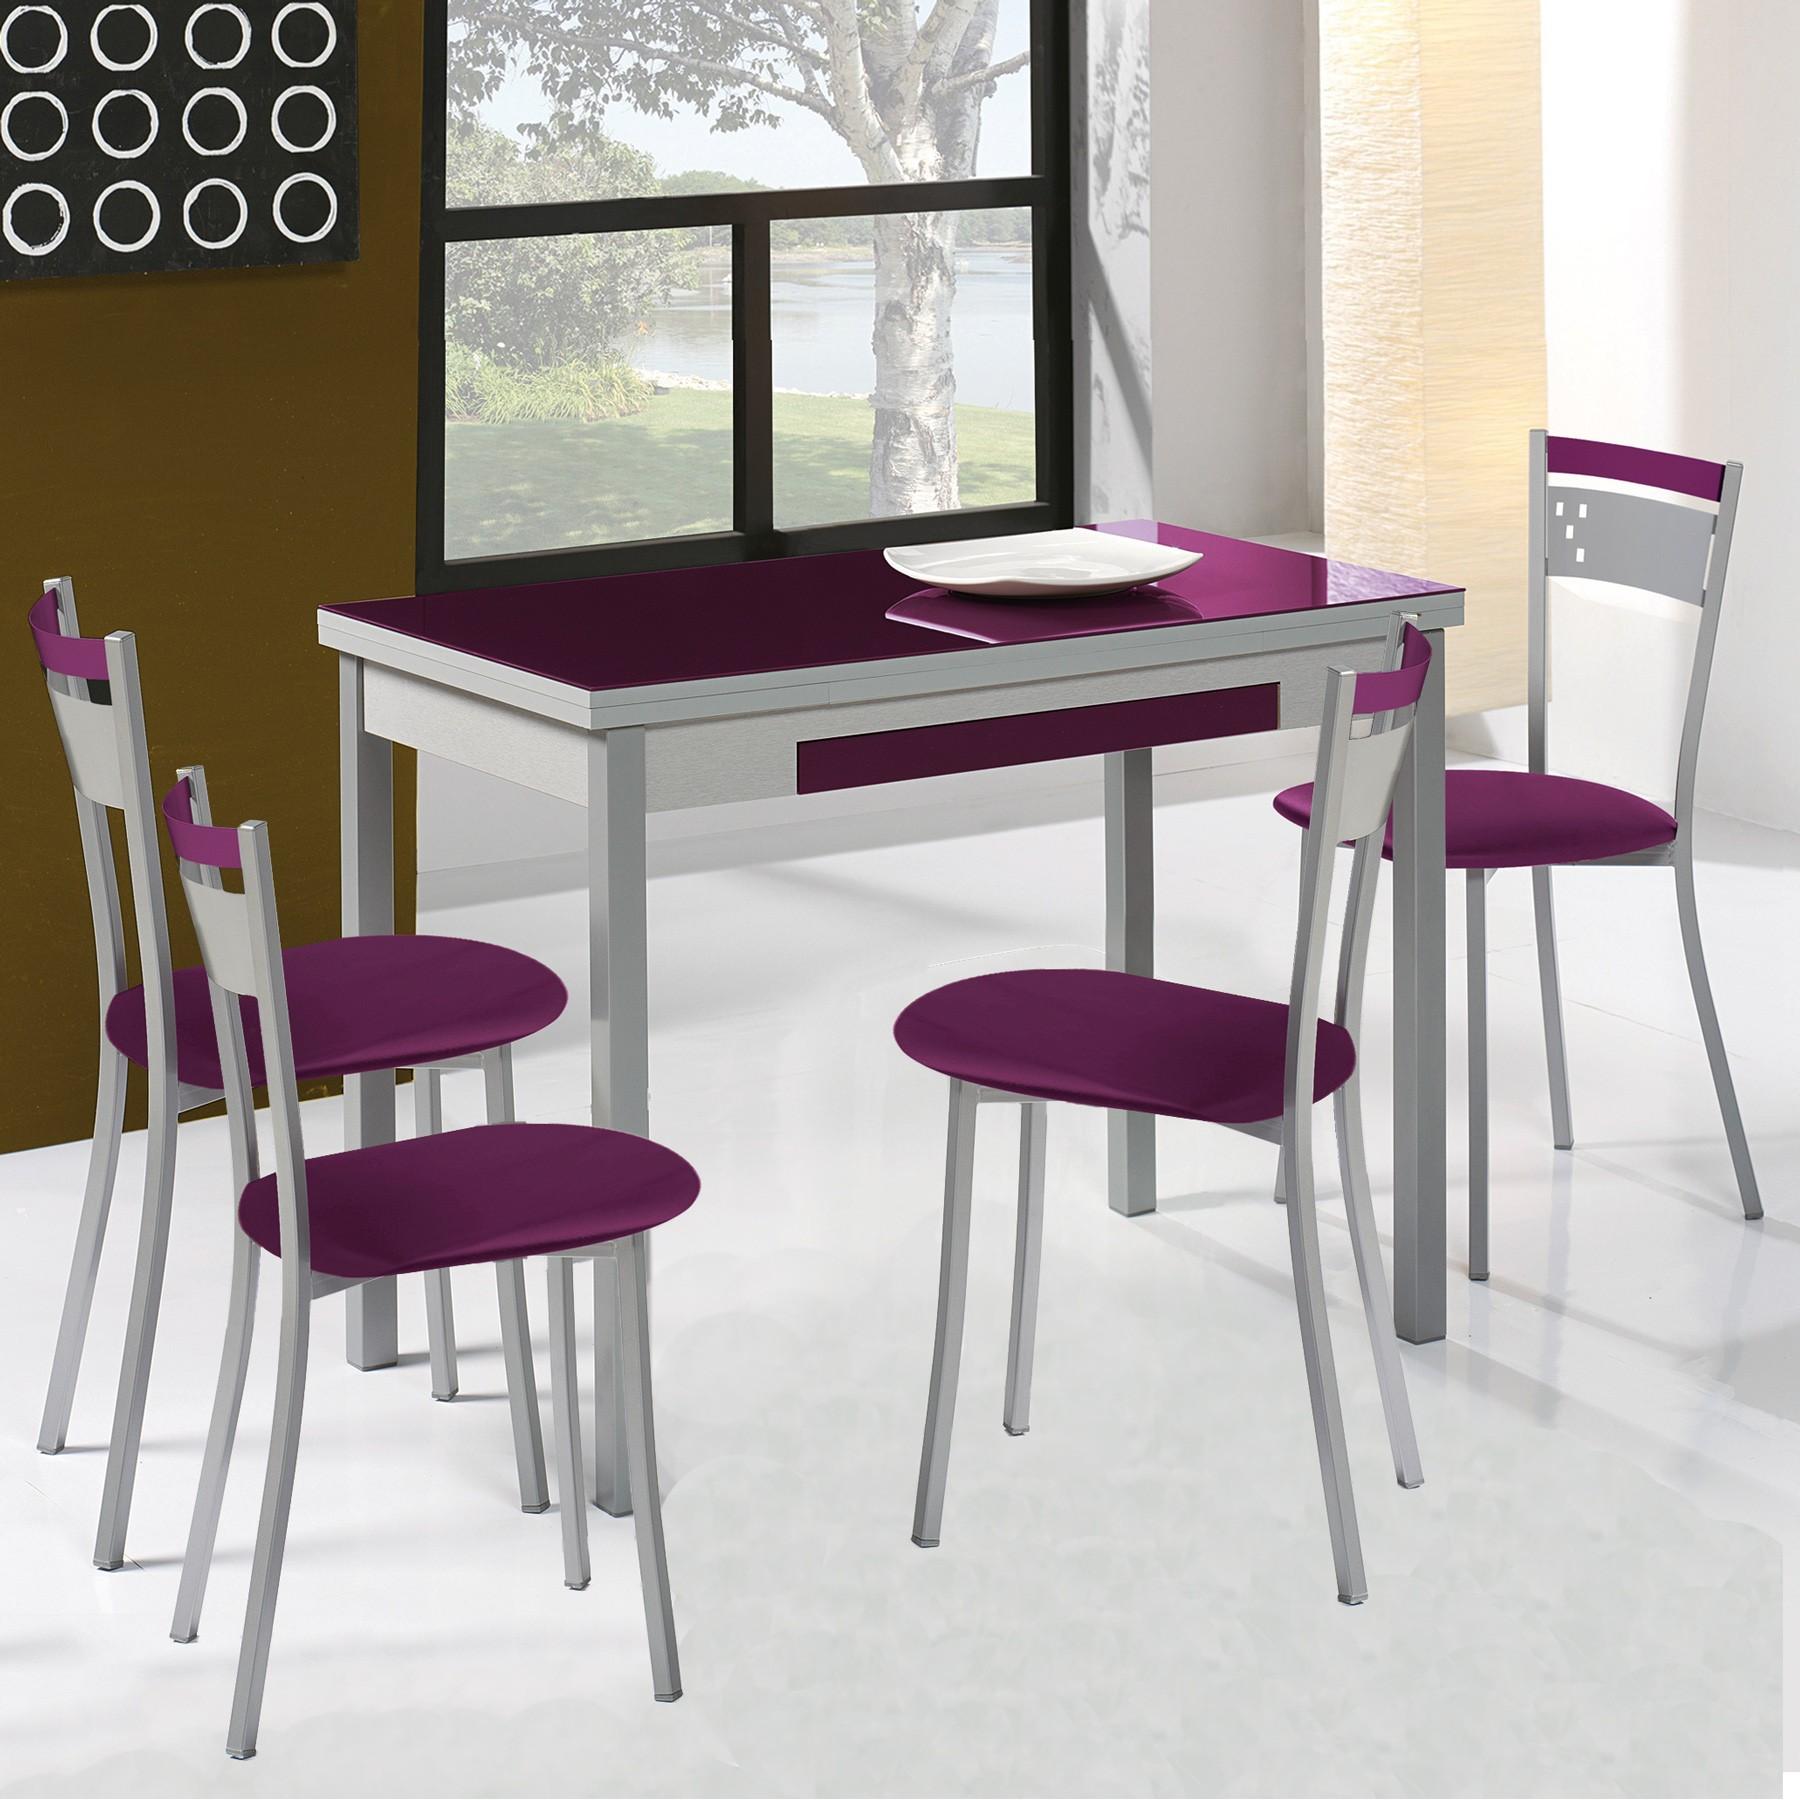 Pack mesa de cocina extensible y 4 sillas mod a - Mesas para cocina extensibles ...